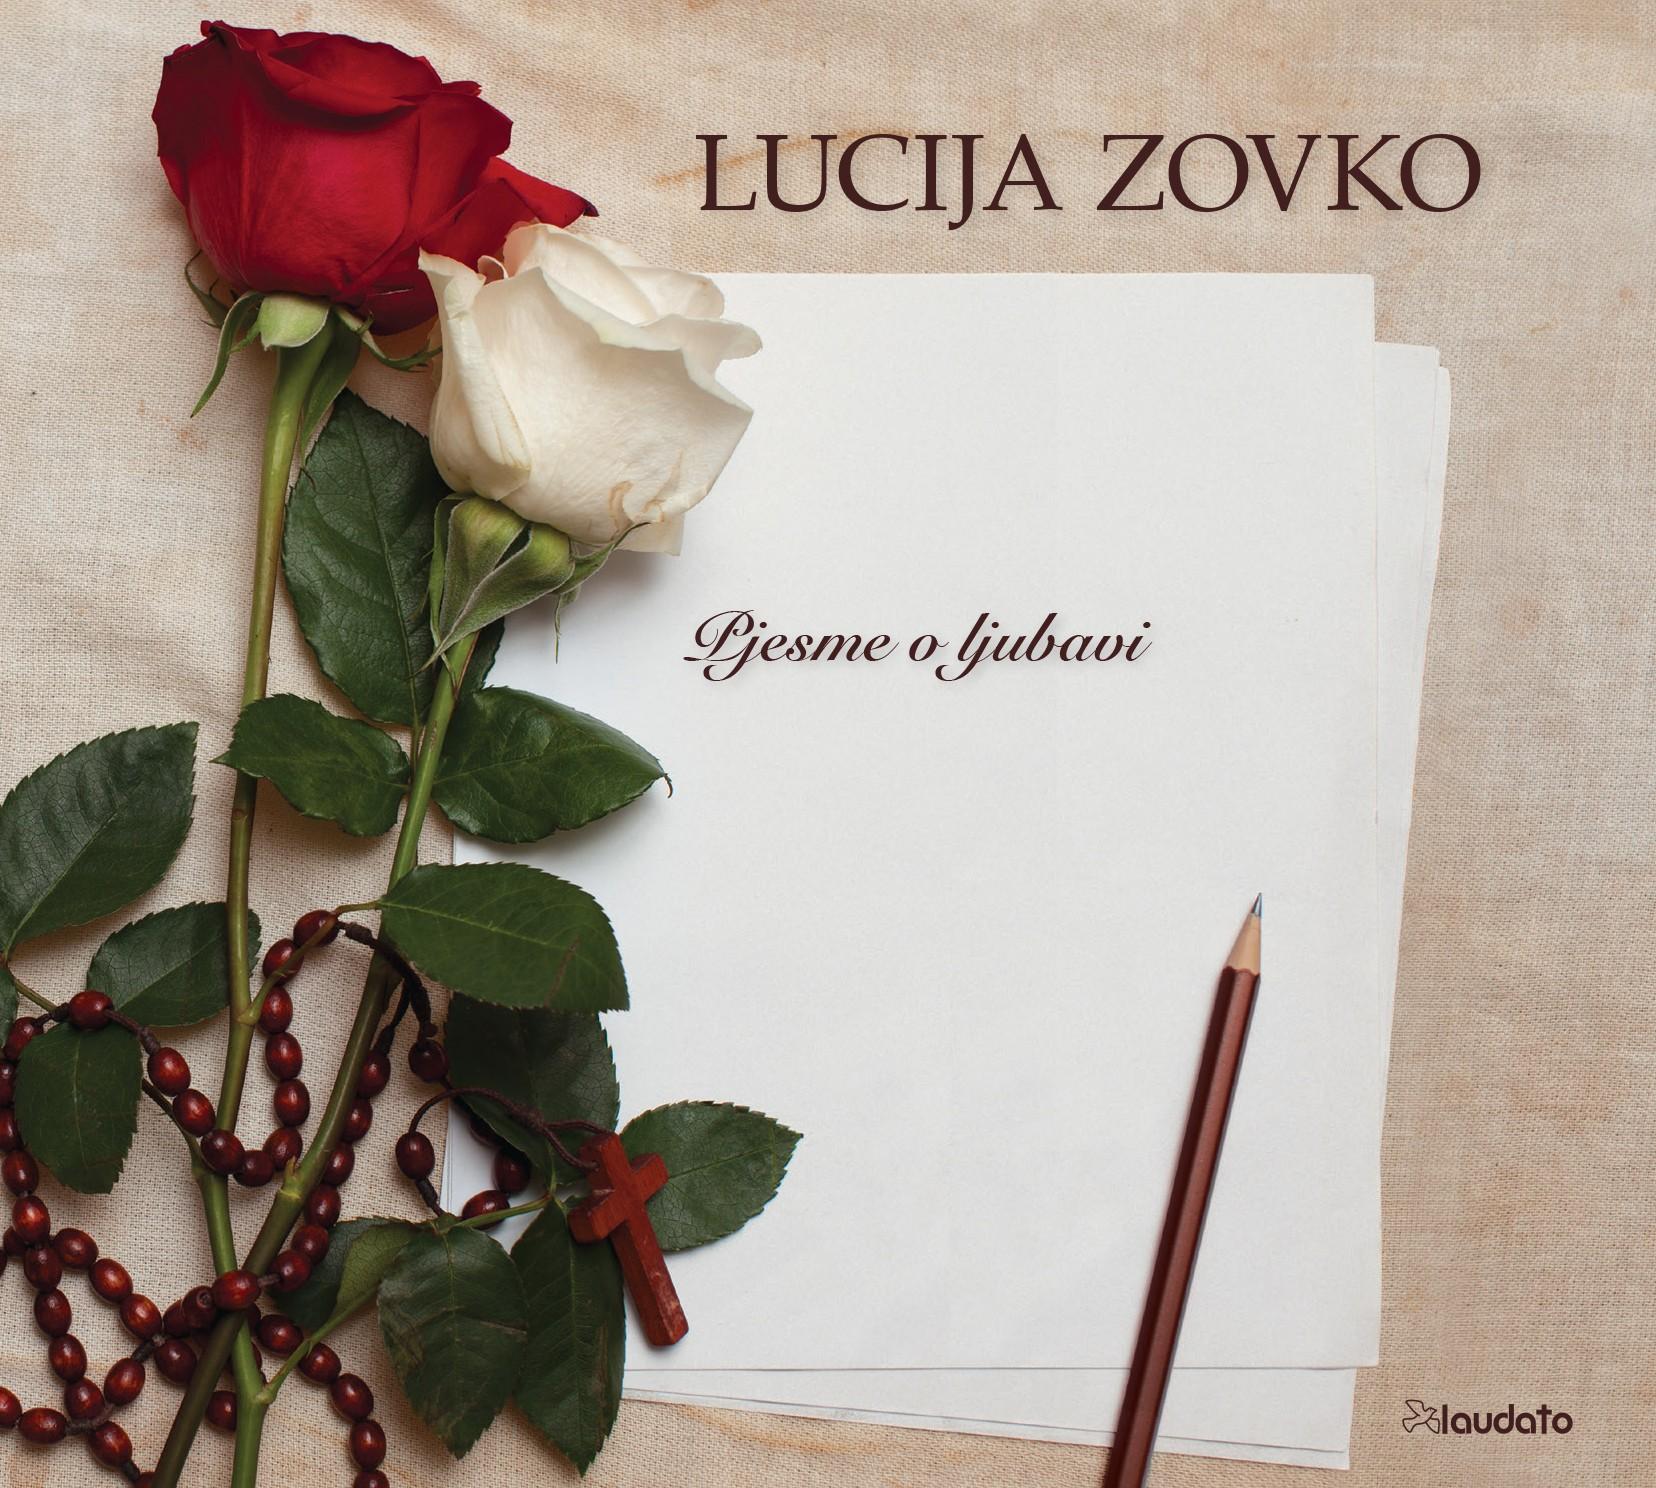 Pjesme o ljubavi